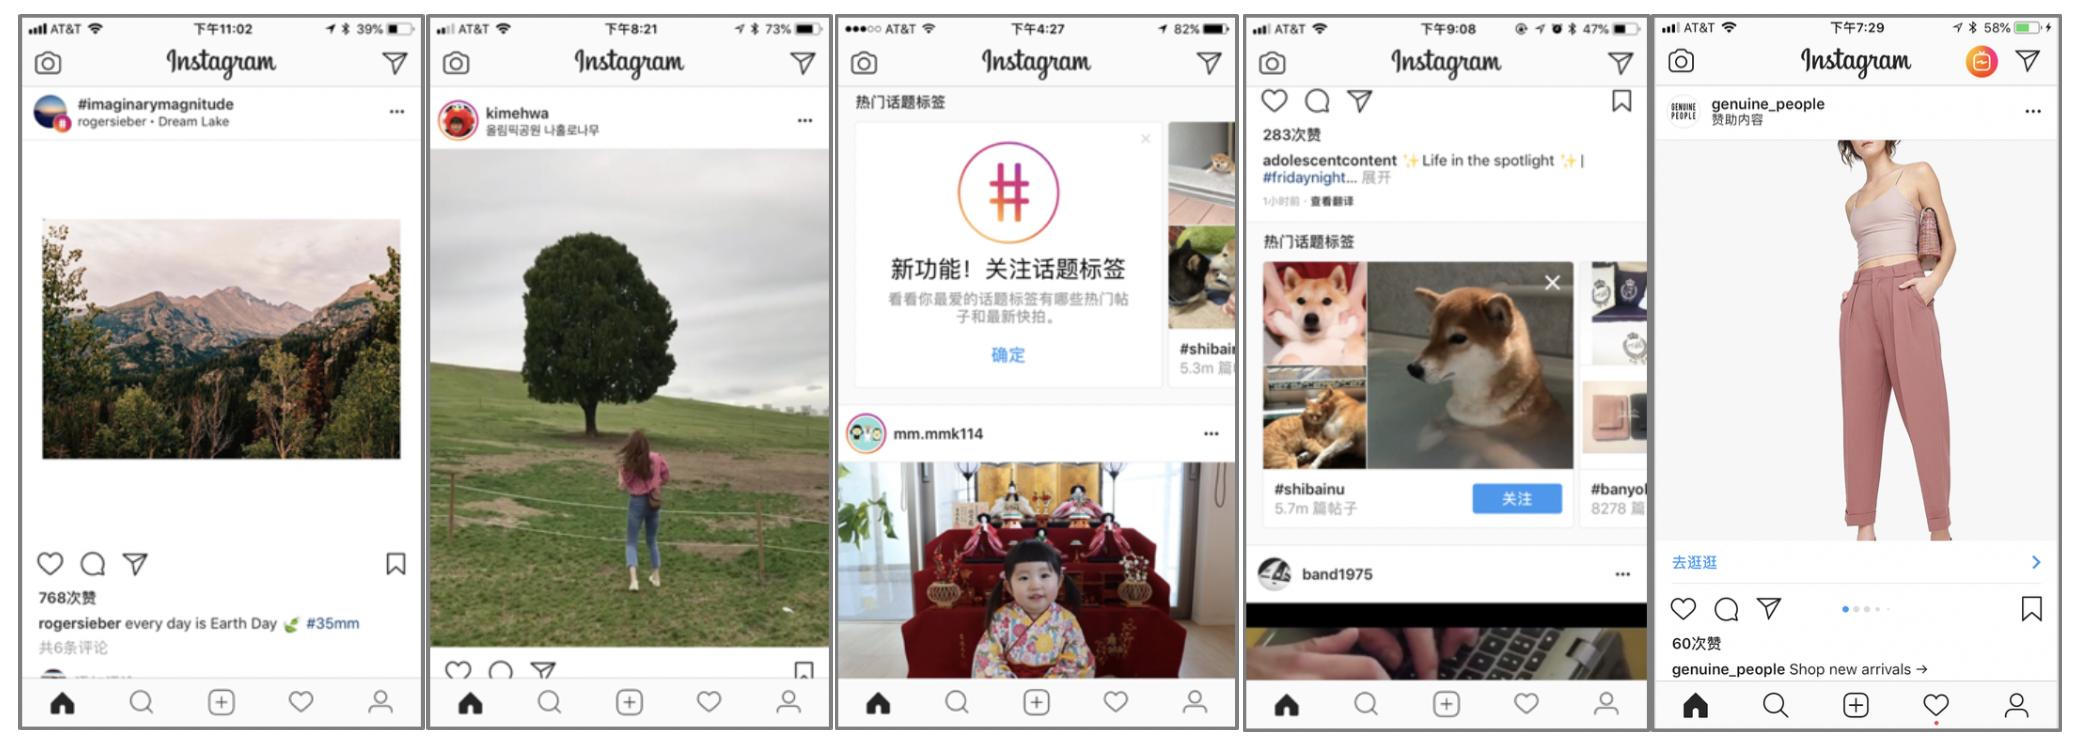 1.8万字,全方位拆解Instagram的Feed流动态和快拍功能插图8